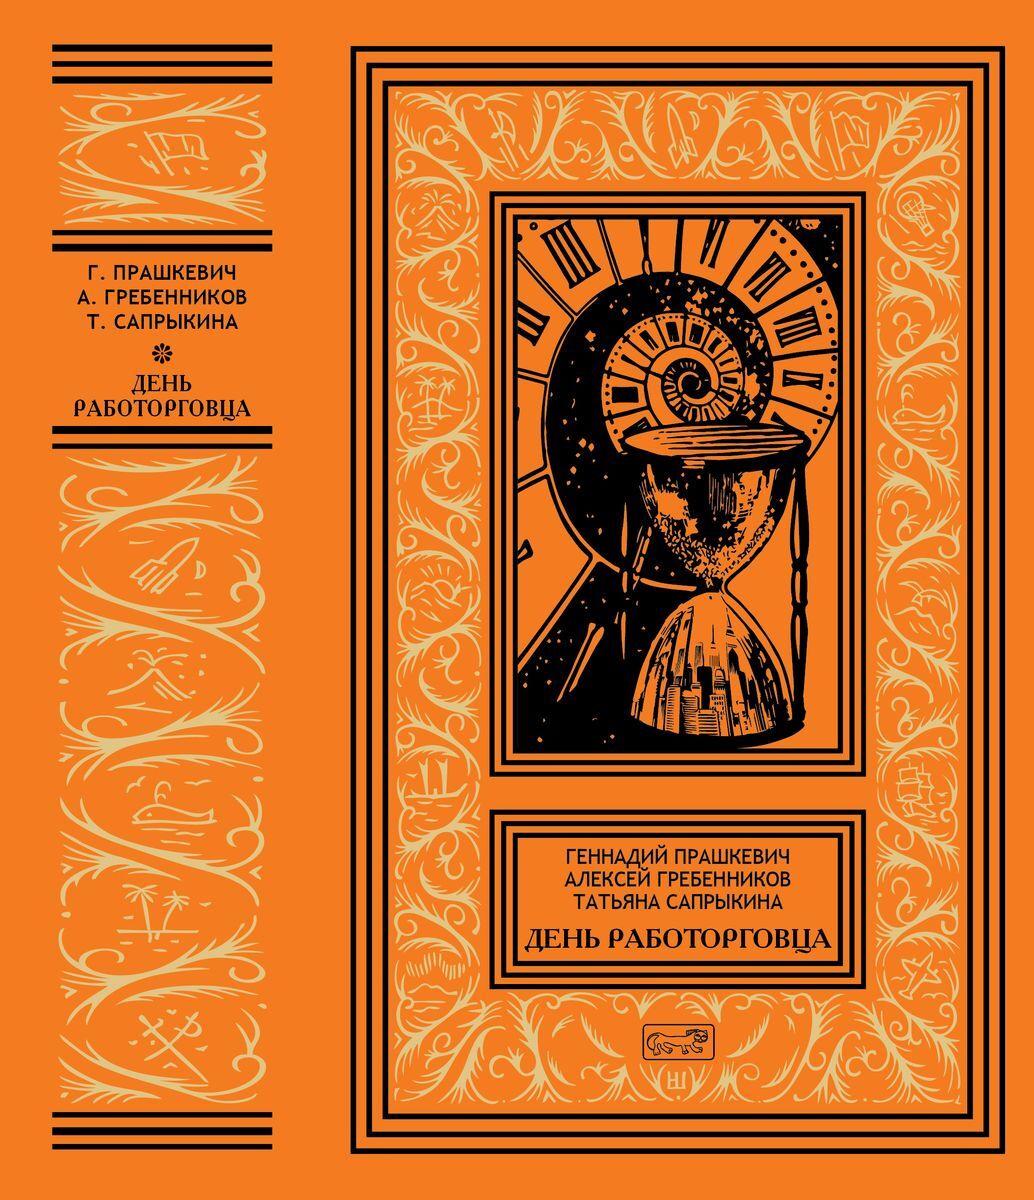 День работорговца   Прашкевич Геннадий Мартович, Гребенников Алексей Иванович  #1